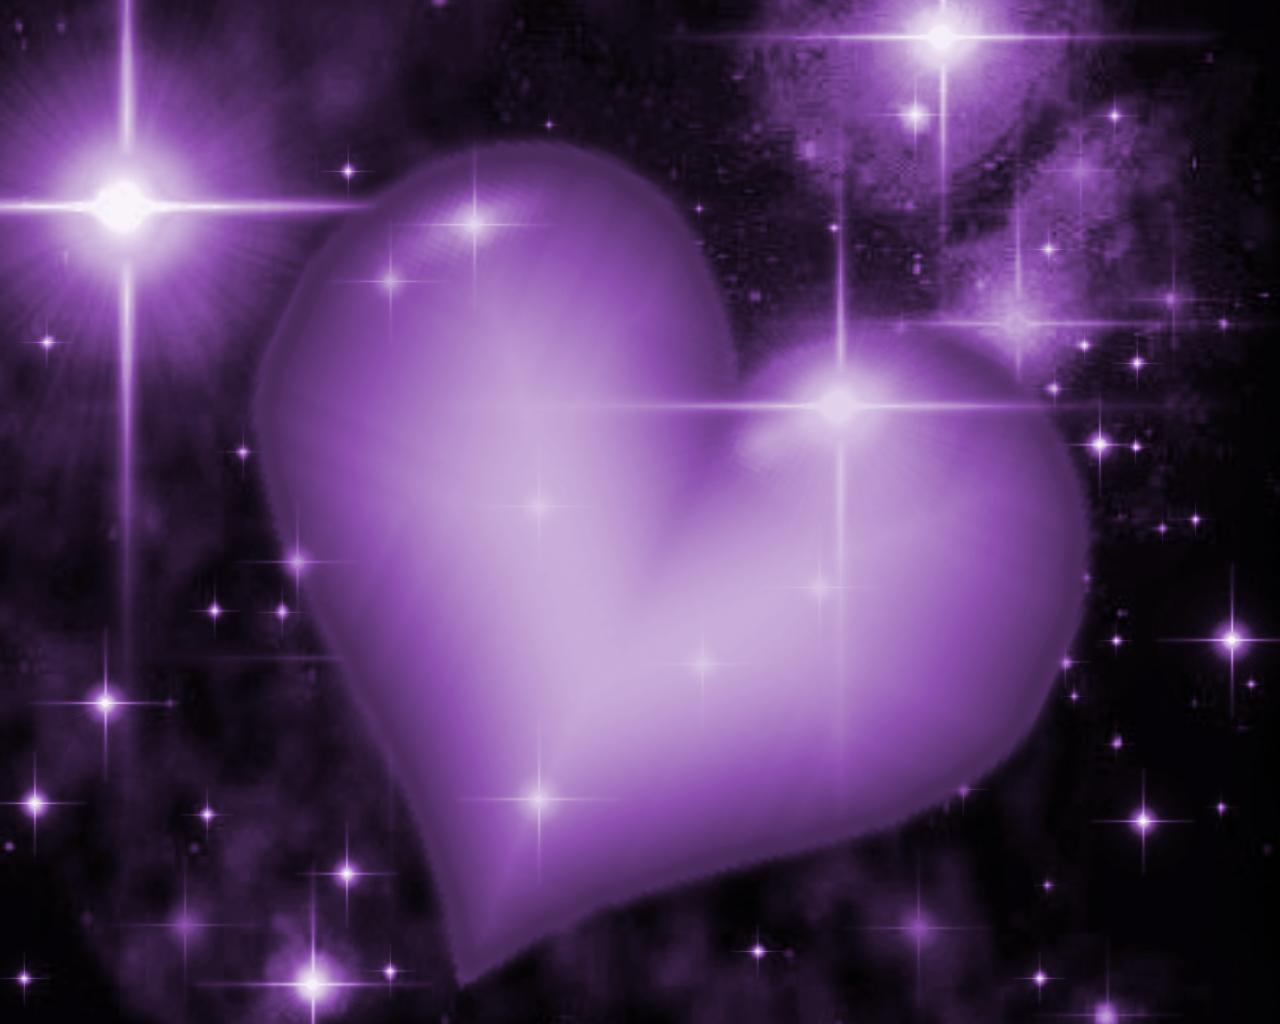 Wallpapers Cute Purple Heart X 1280x1024 65980 cute 1280x1024